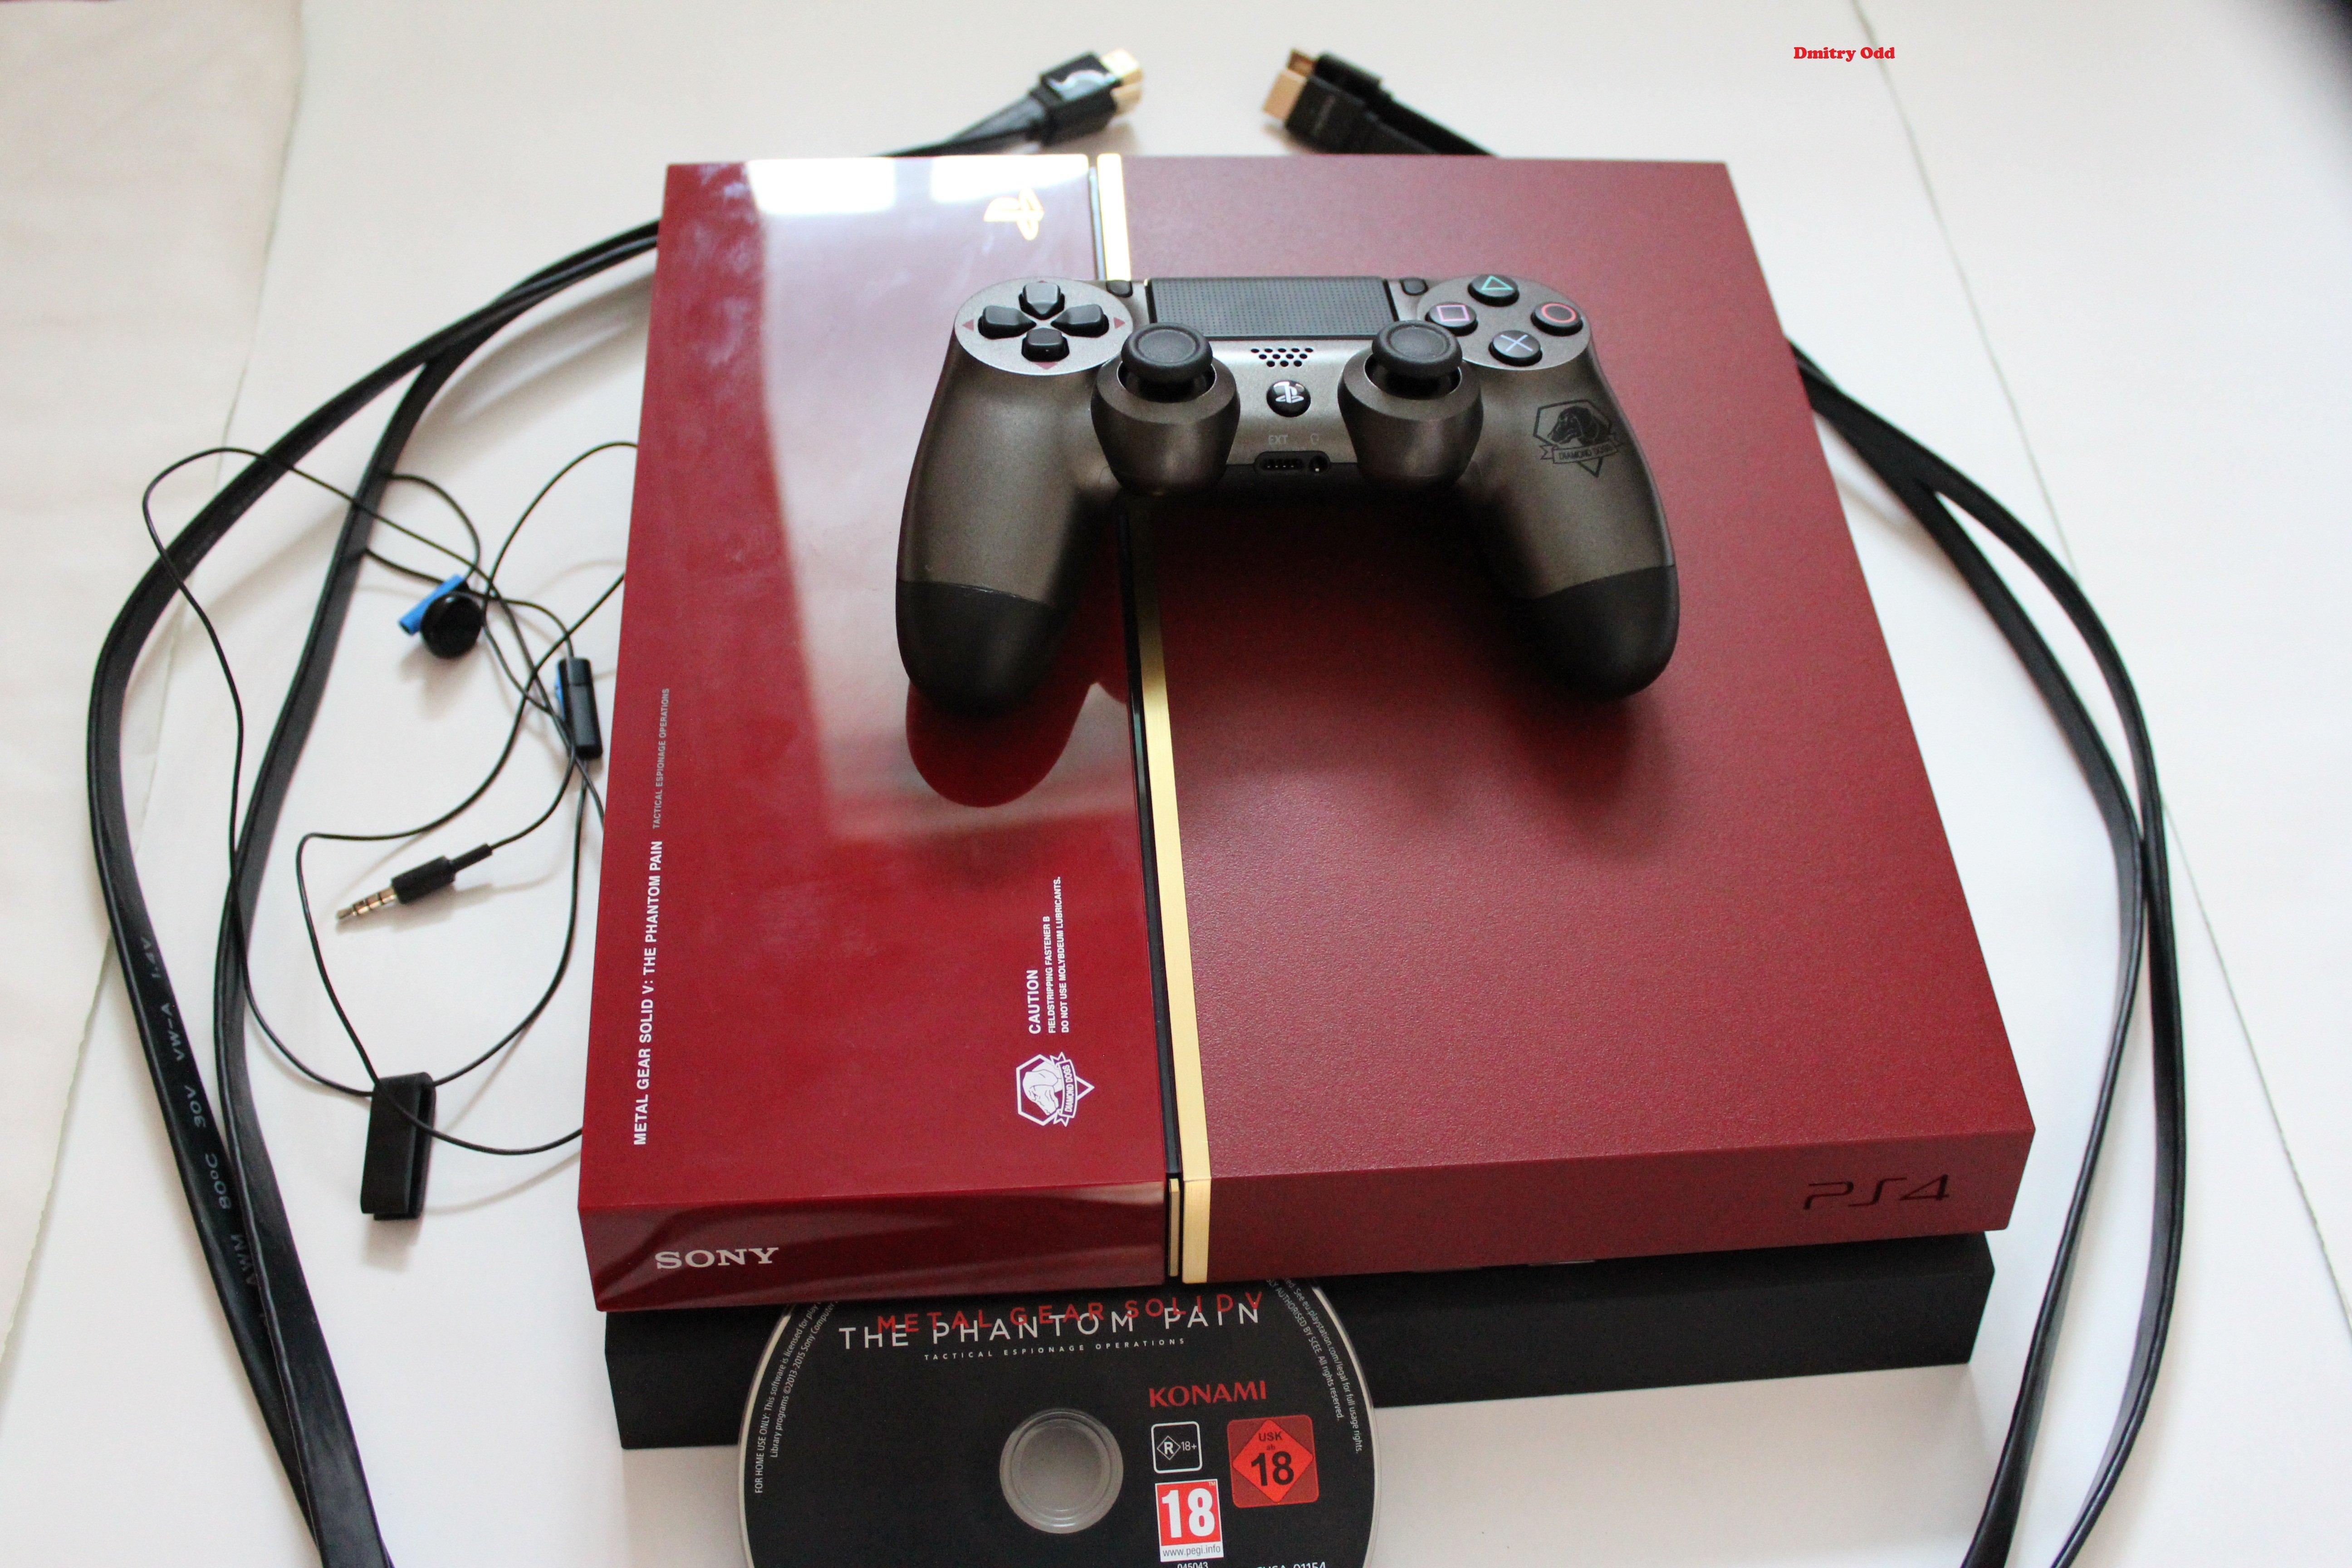 Пришла красавица! эксклюзивная PlayStation 4 - Metal Gear Solid V: Phantom Pain - Изображение 1